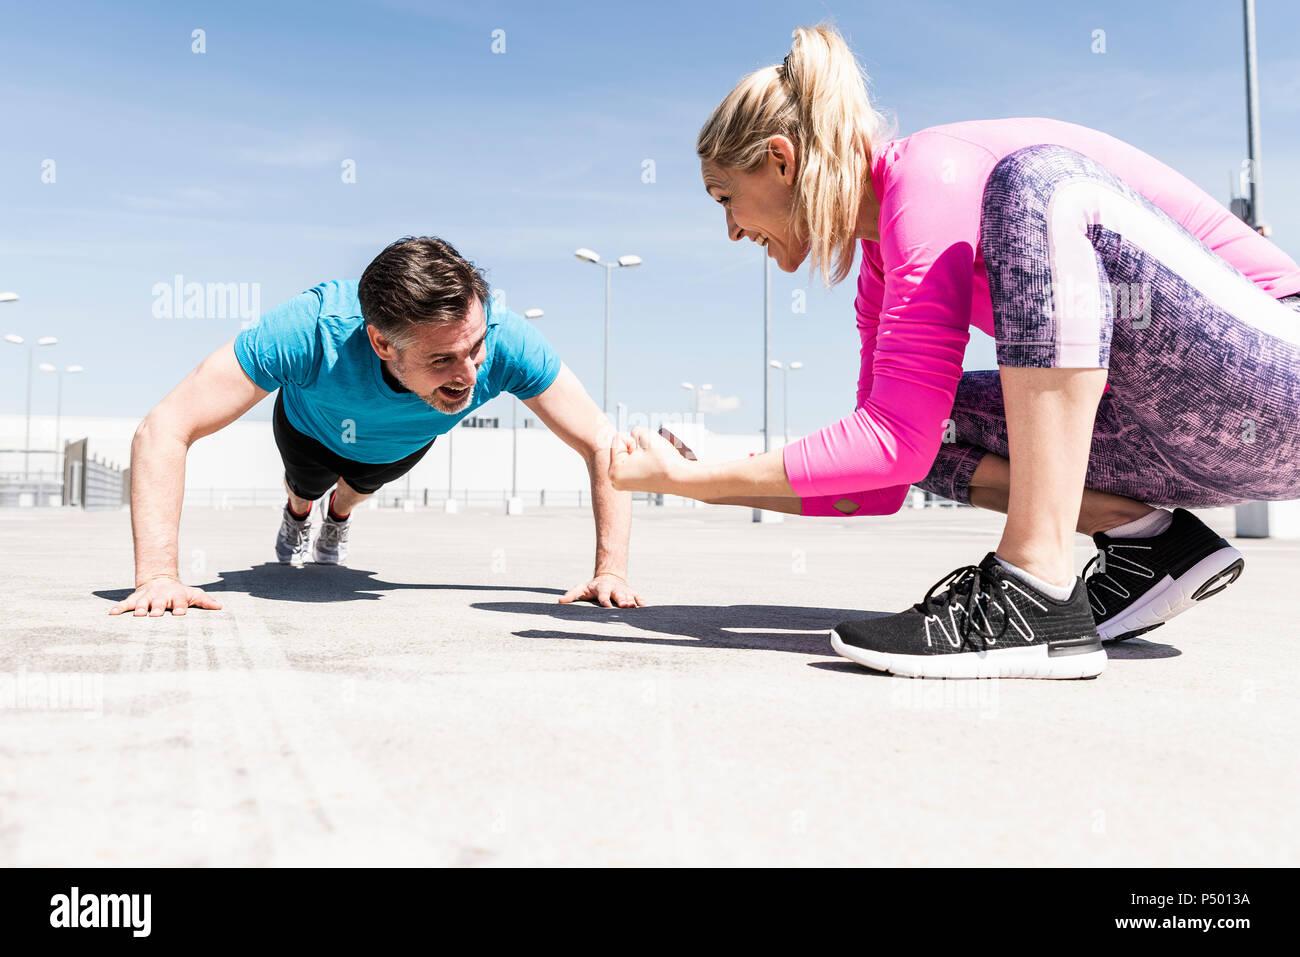 Hombre, Mujer pushups exerfining coaching él Imagen De Stock